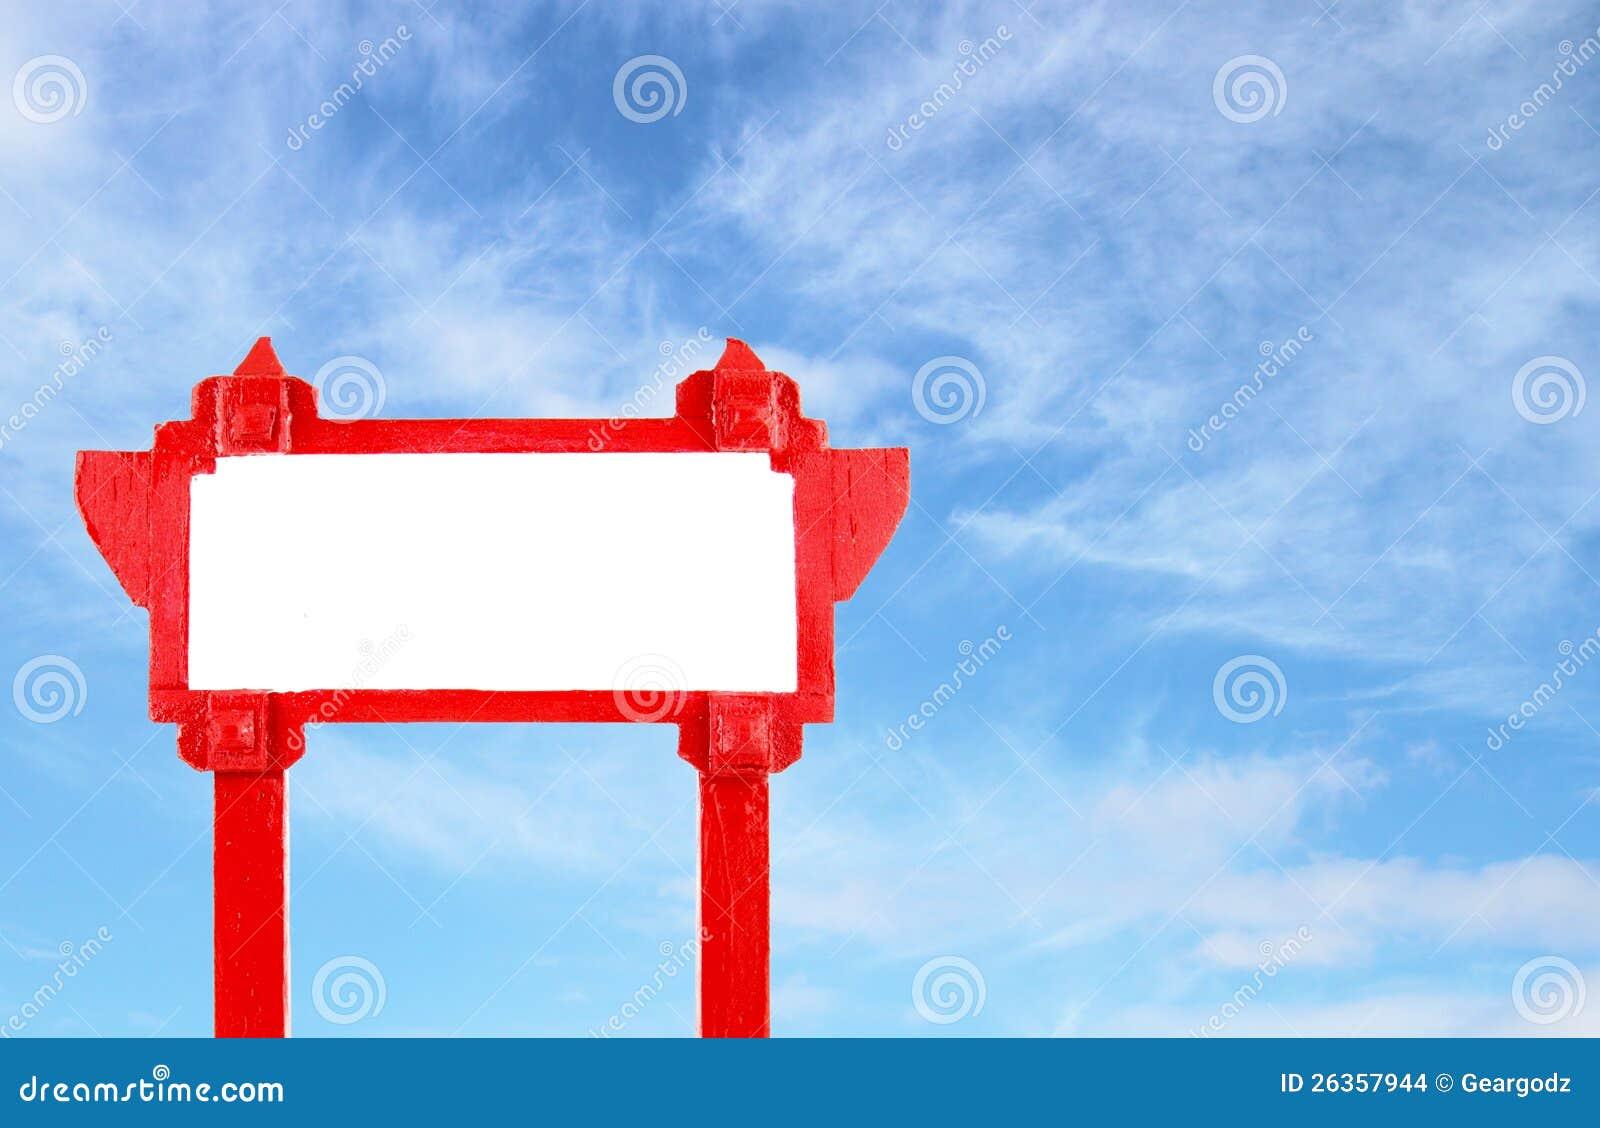 Rotes unbelegtes hölzernes Zeichen mit blauem Himmel